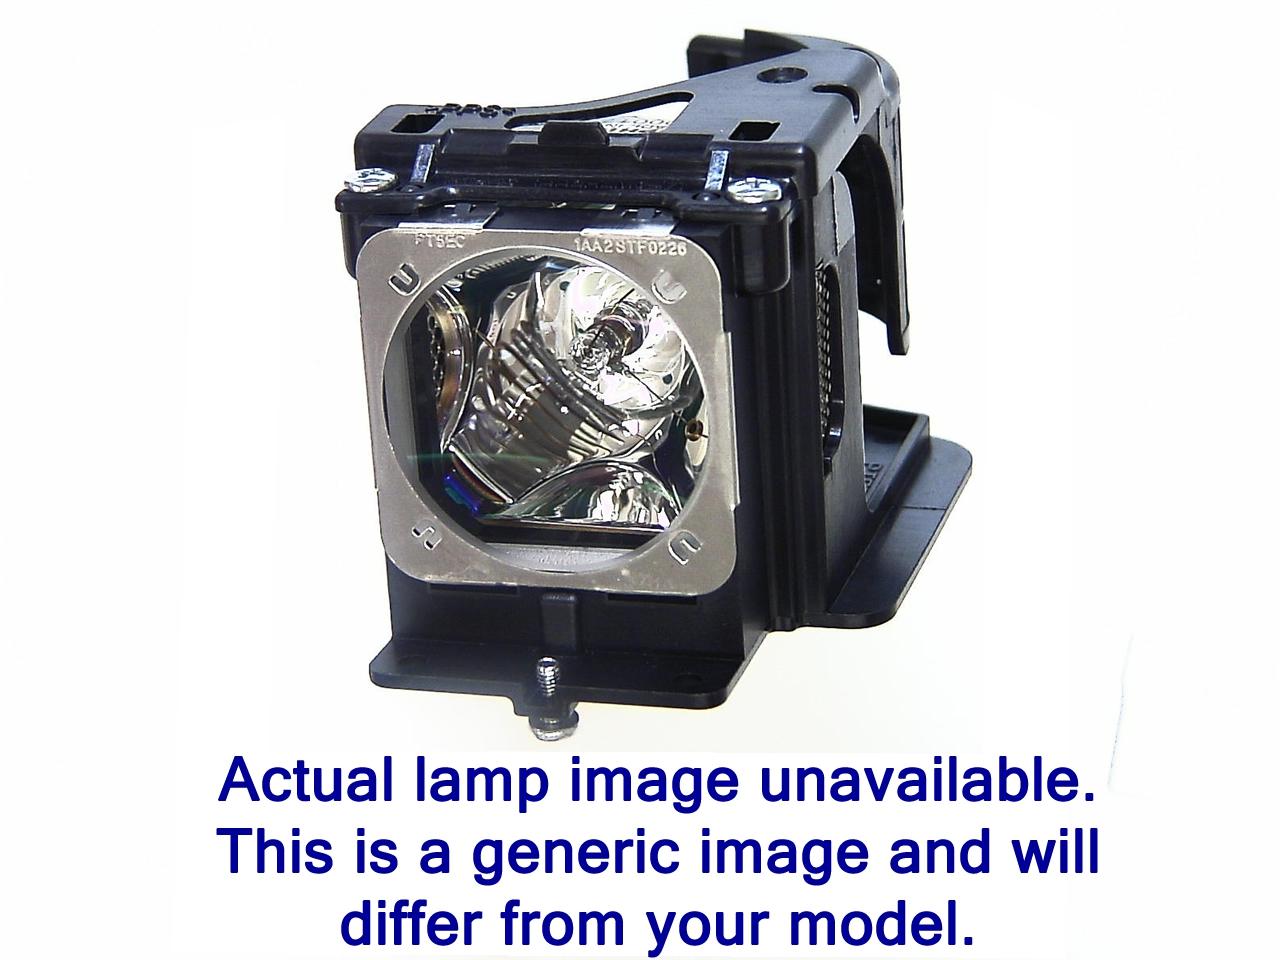 Lámpara TOSHIBA P414 DL